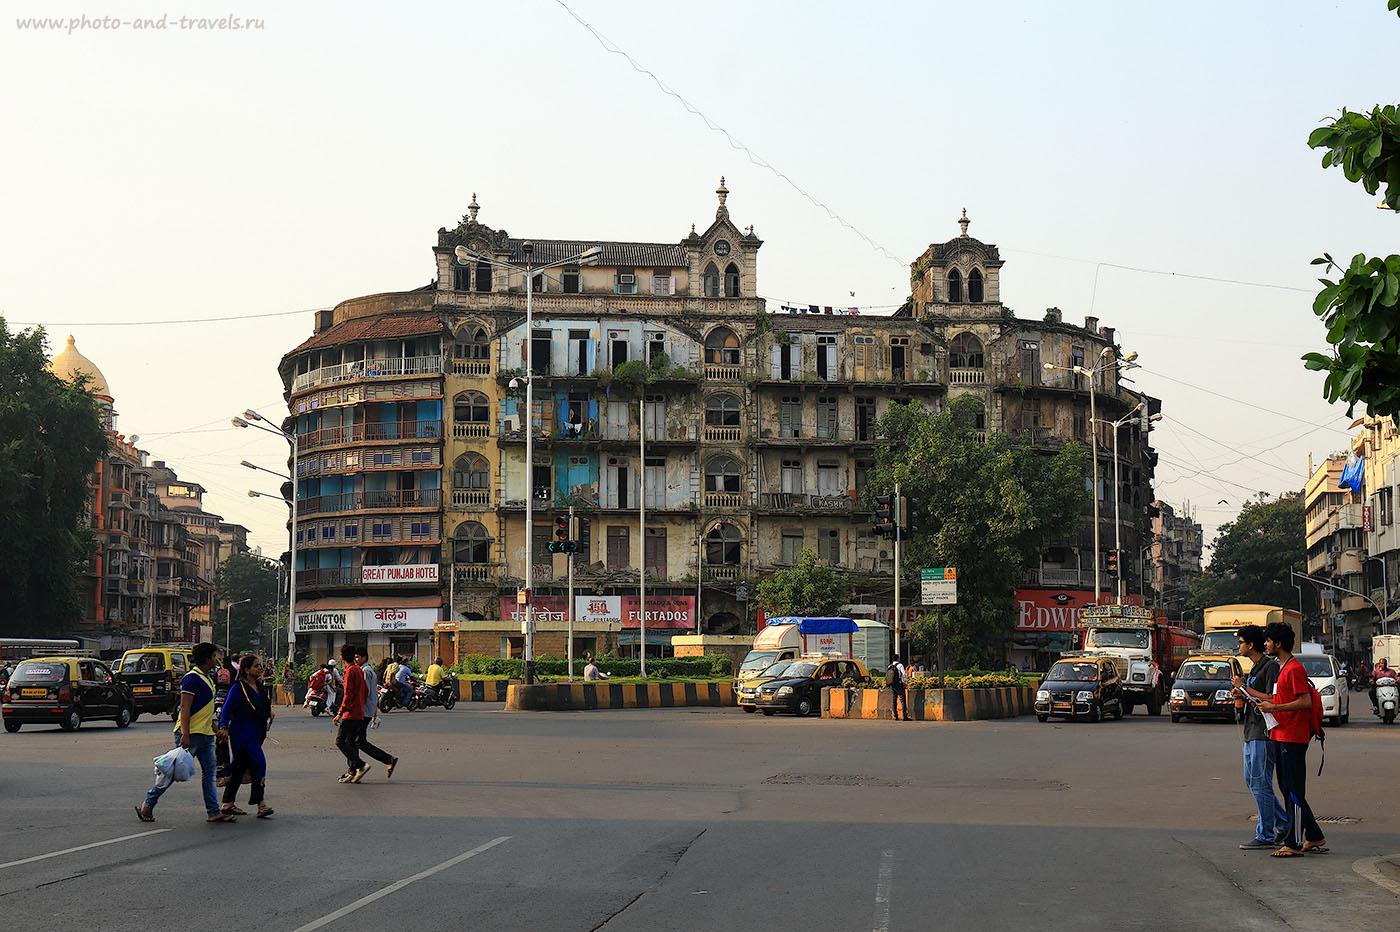 Фото 5. Great Punjab Hotel в Мумбаи. Как мы поехали самостоятельный тур по Индии (24-70, 1/160, -1eV, f8, 47 mm, ISO 100)